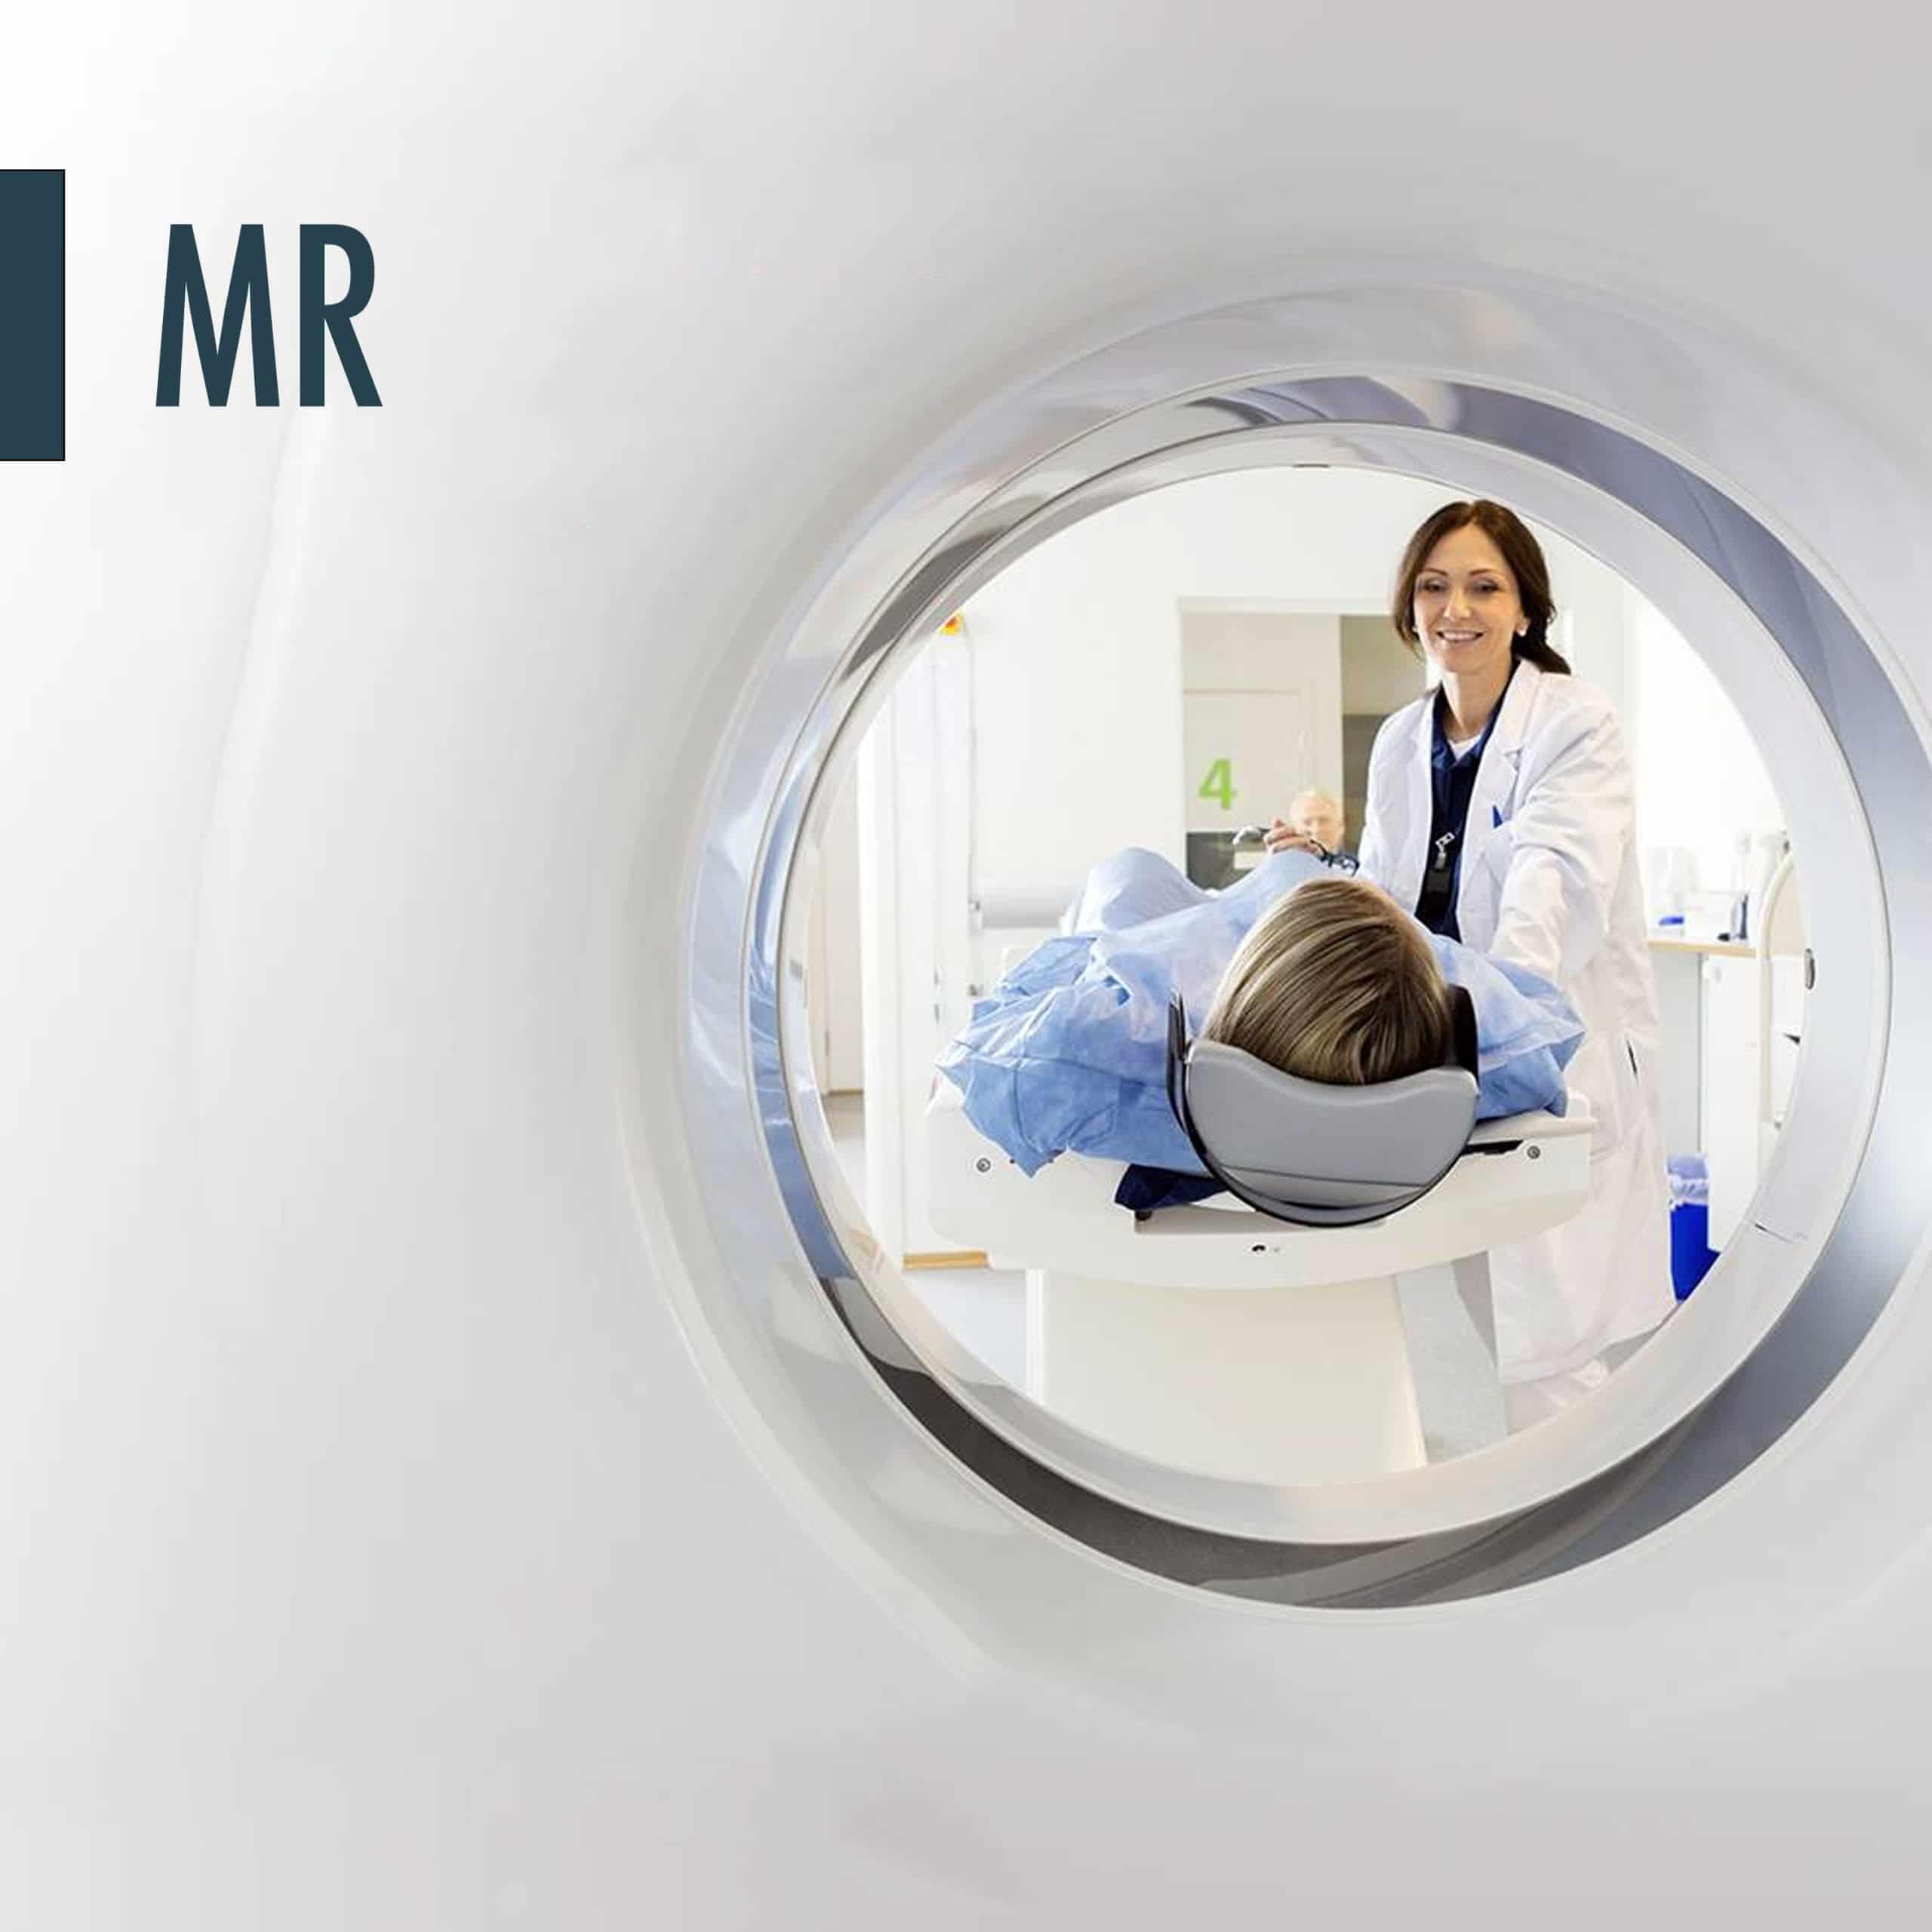 Denizli Özel Egekent Hastanesi MR Cihazı